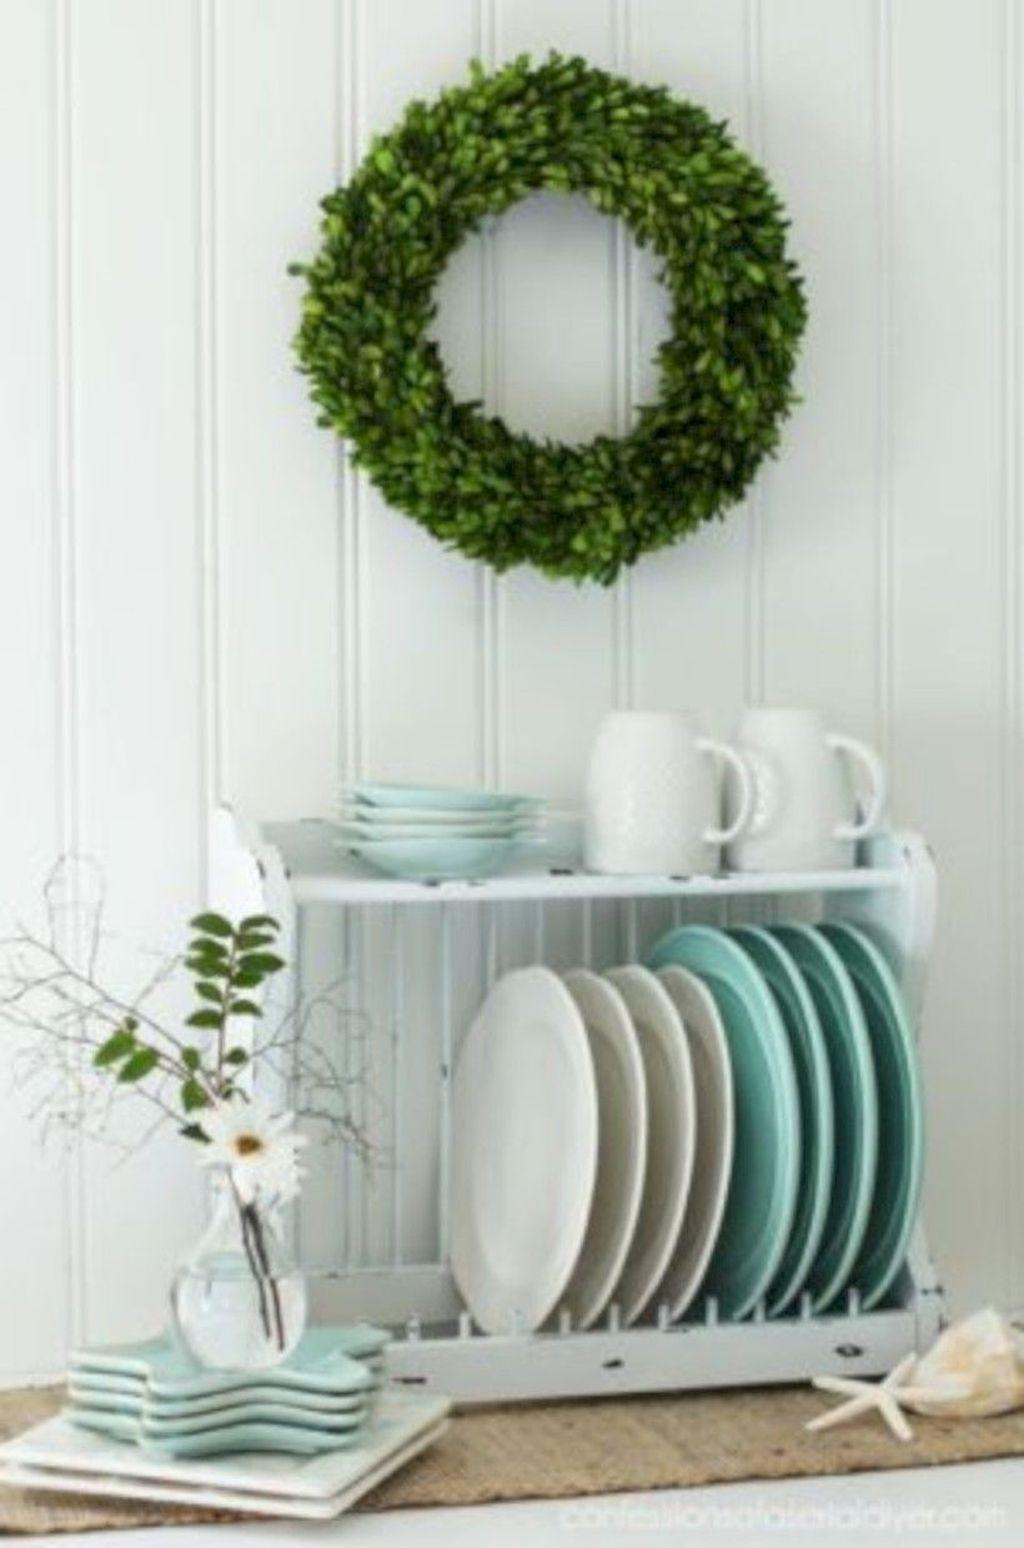 30+ Fancy Diy Farmhouse Plate Rack Ideas That You Can Do #plateracks